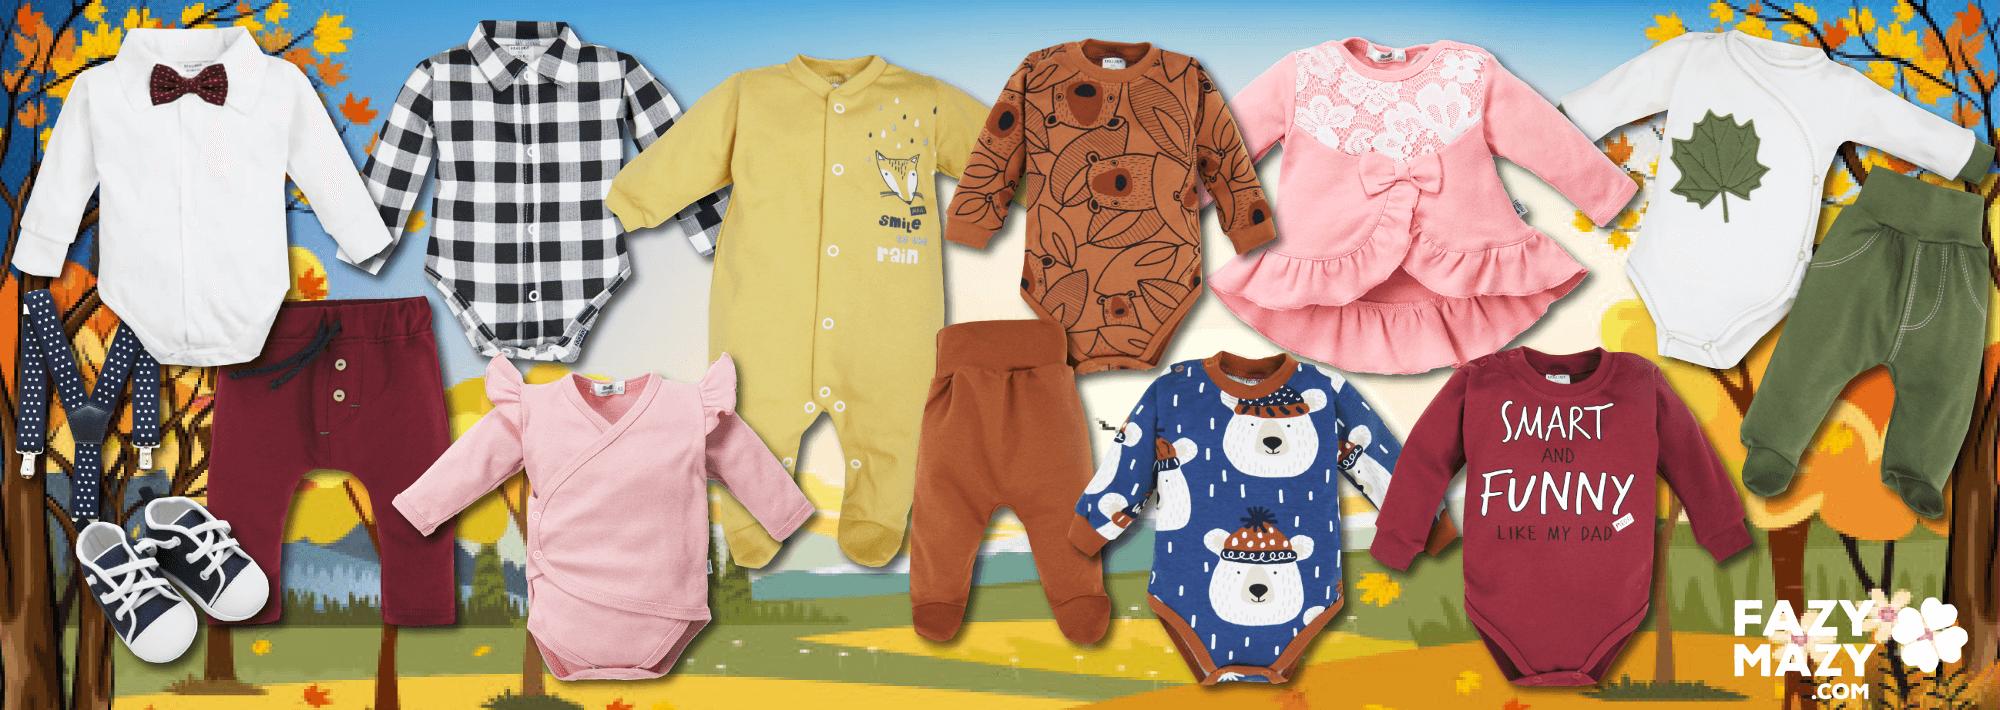 Ubranka niemowlęce – Blog o modzie dziecięcej, eleganckie ubranka dla niemowląt